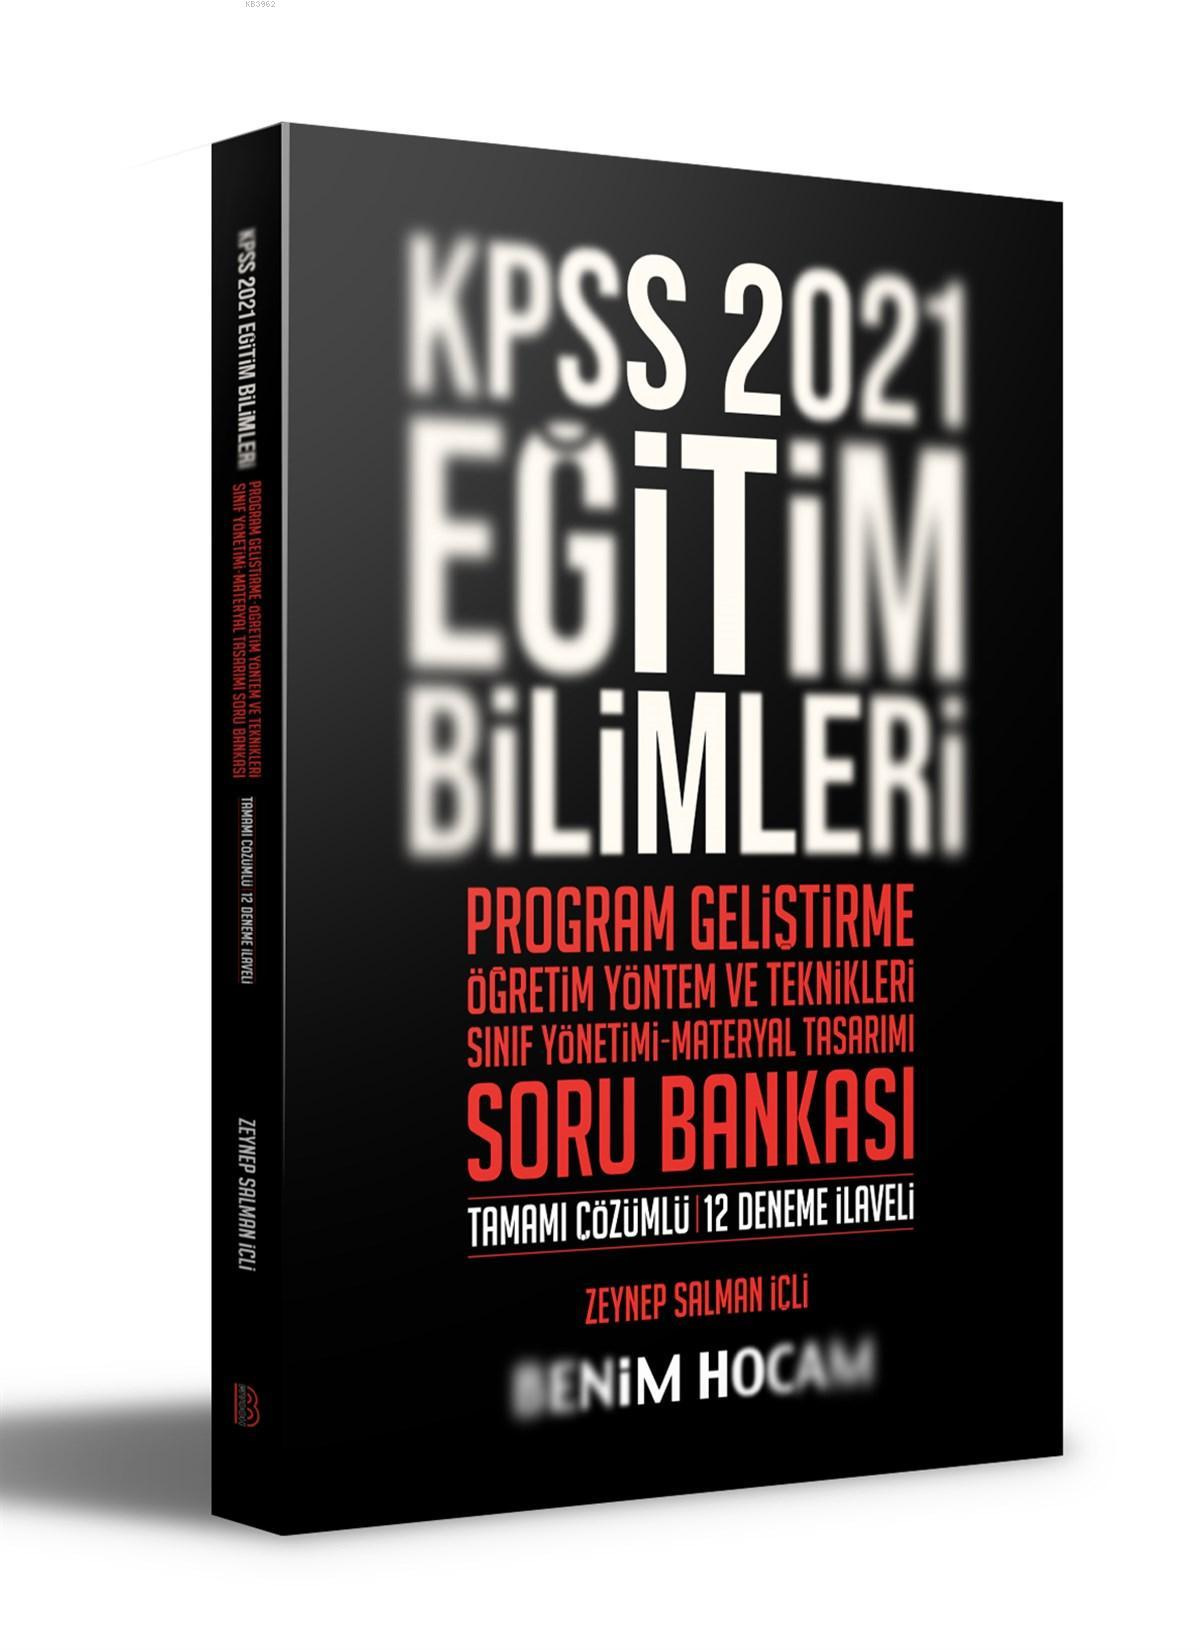 2021 KPSS Eğitim Bilimleri Program Geliştirme - ÖYT - Sınıf Yönetimi - Materyal; Tasarımı Soru Bankası Benim Hocam Yayınları